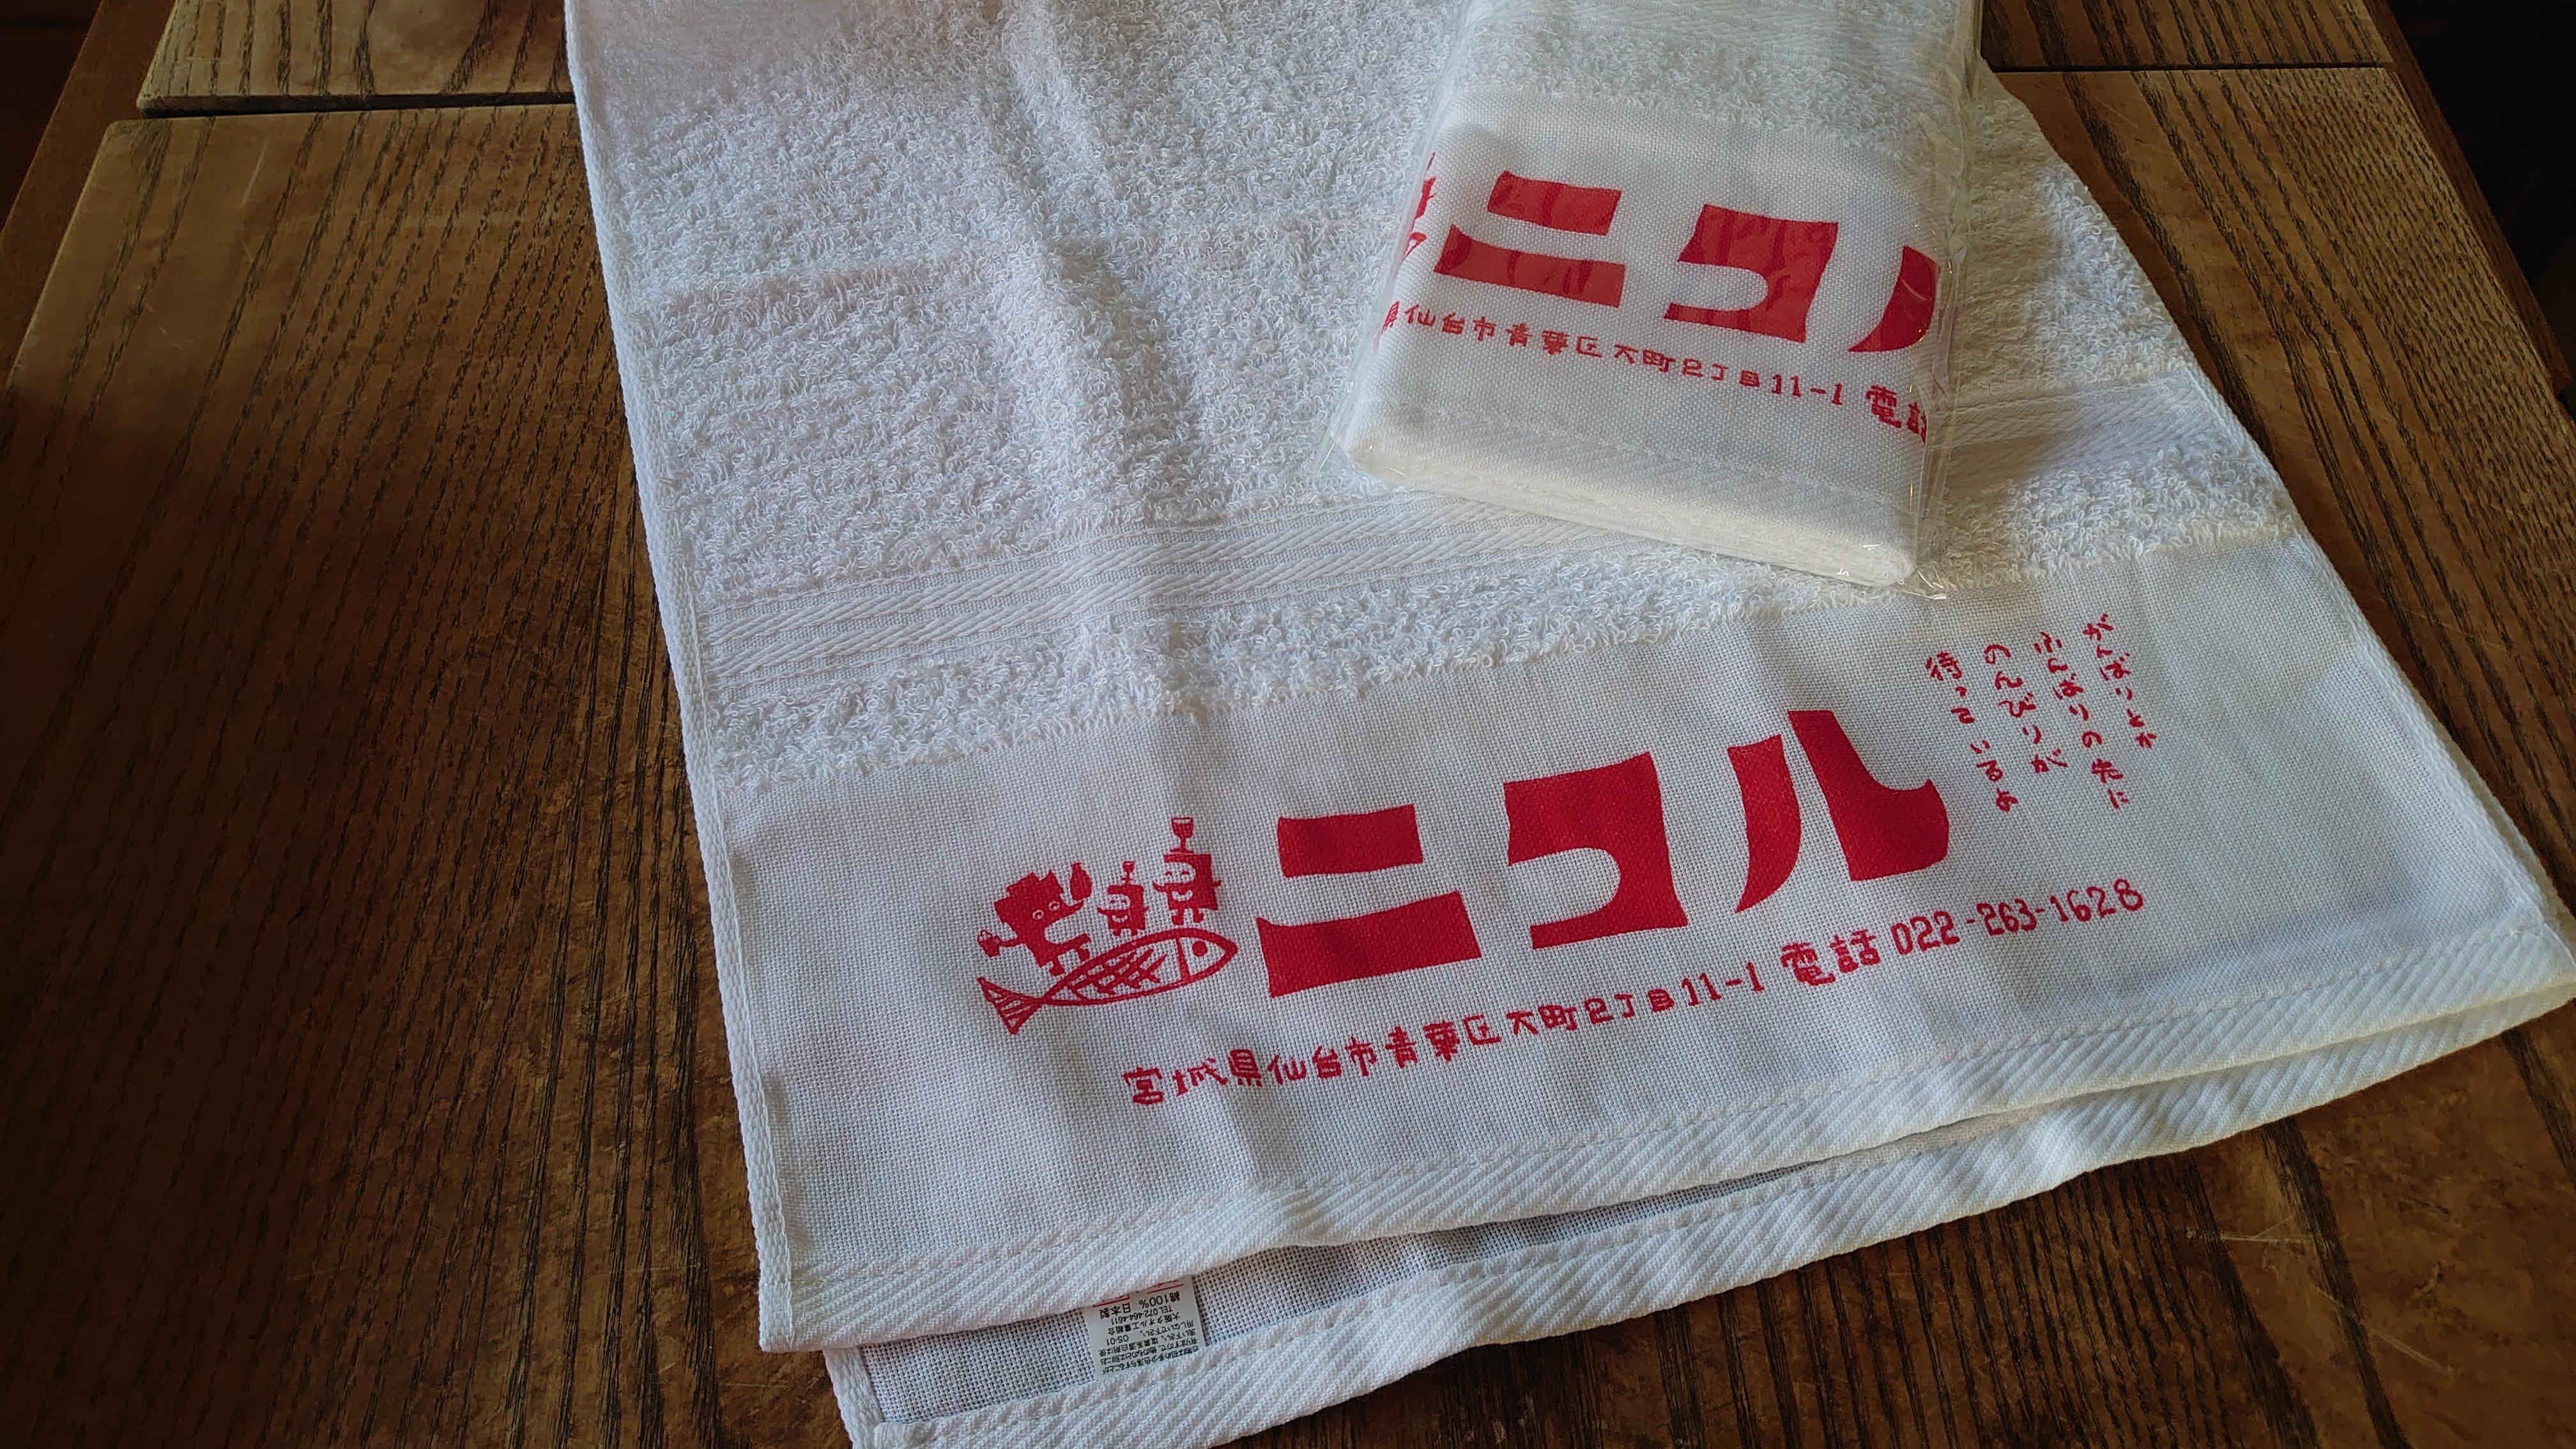 印刷タオル製作事例 のんびり酒場ニコル様